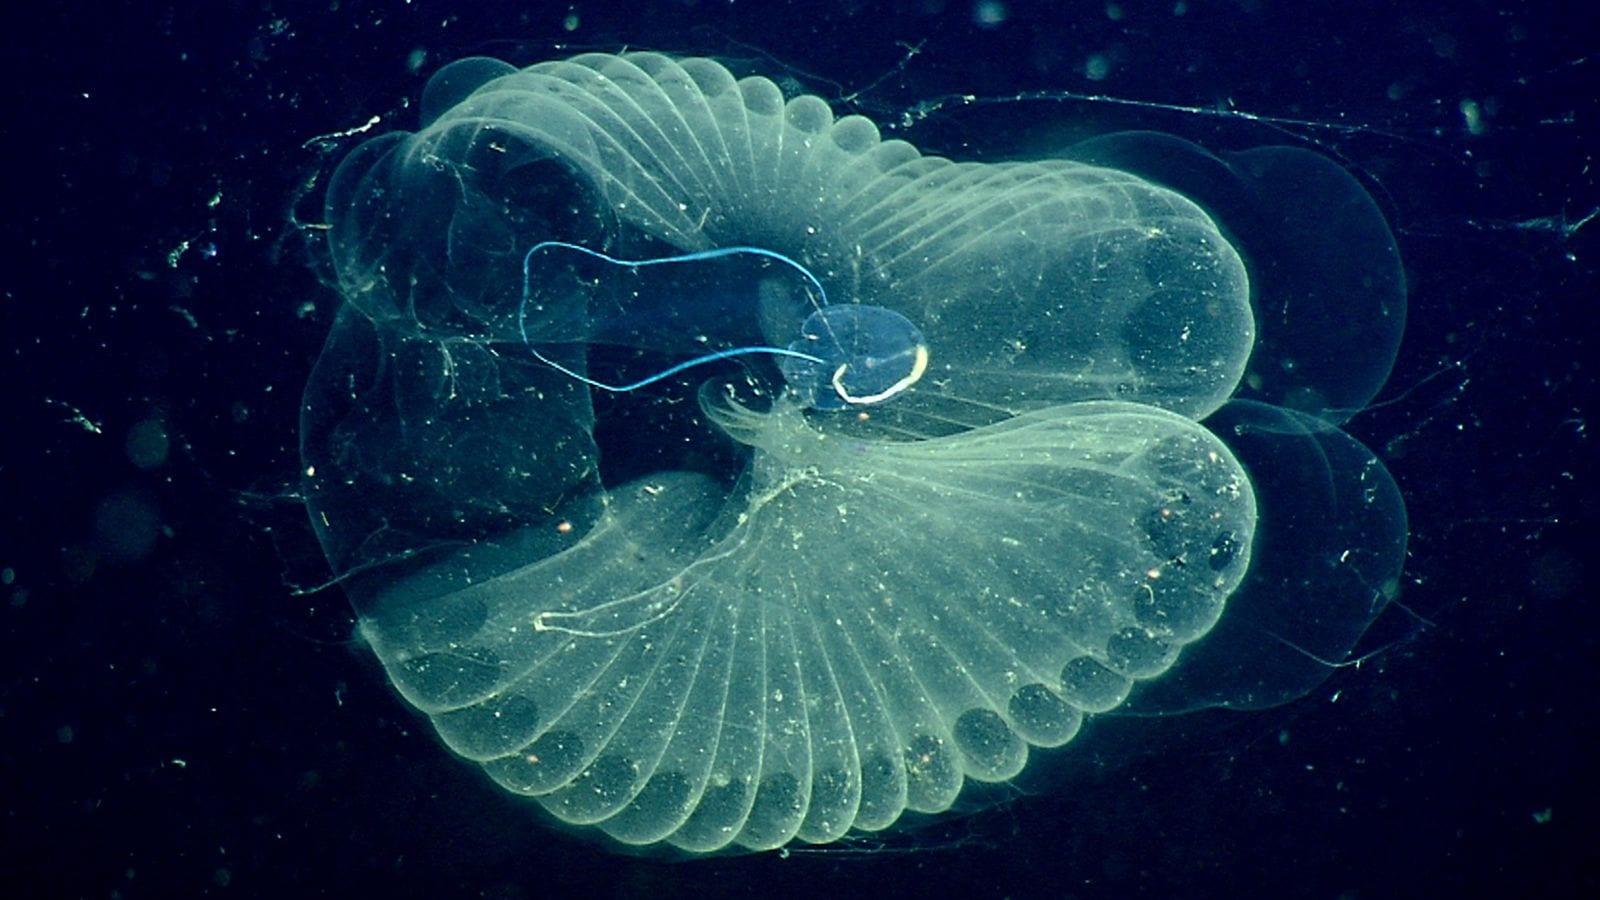 Cambiamenti climatici, un larvaceo marino è la soluzione?